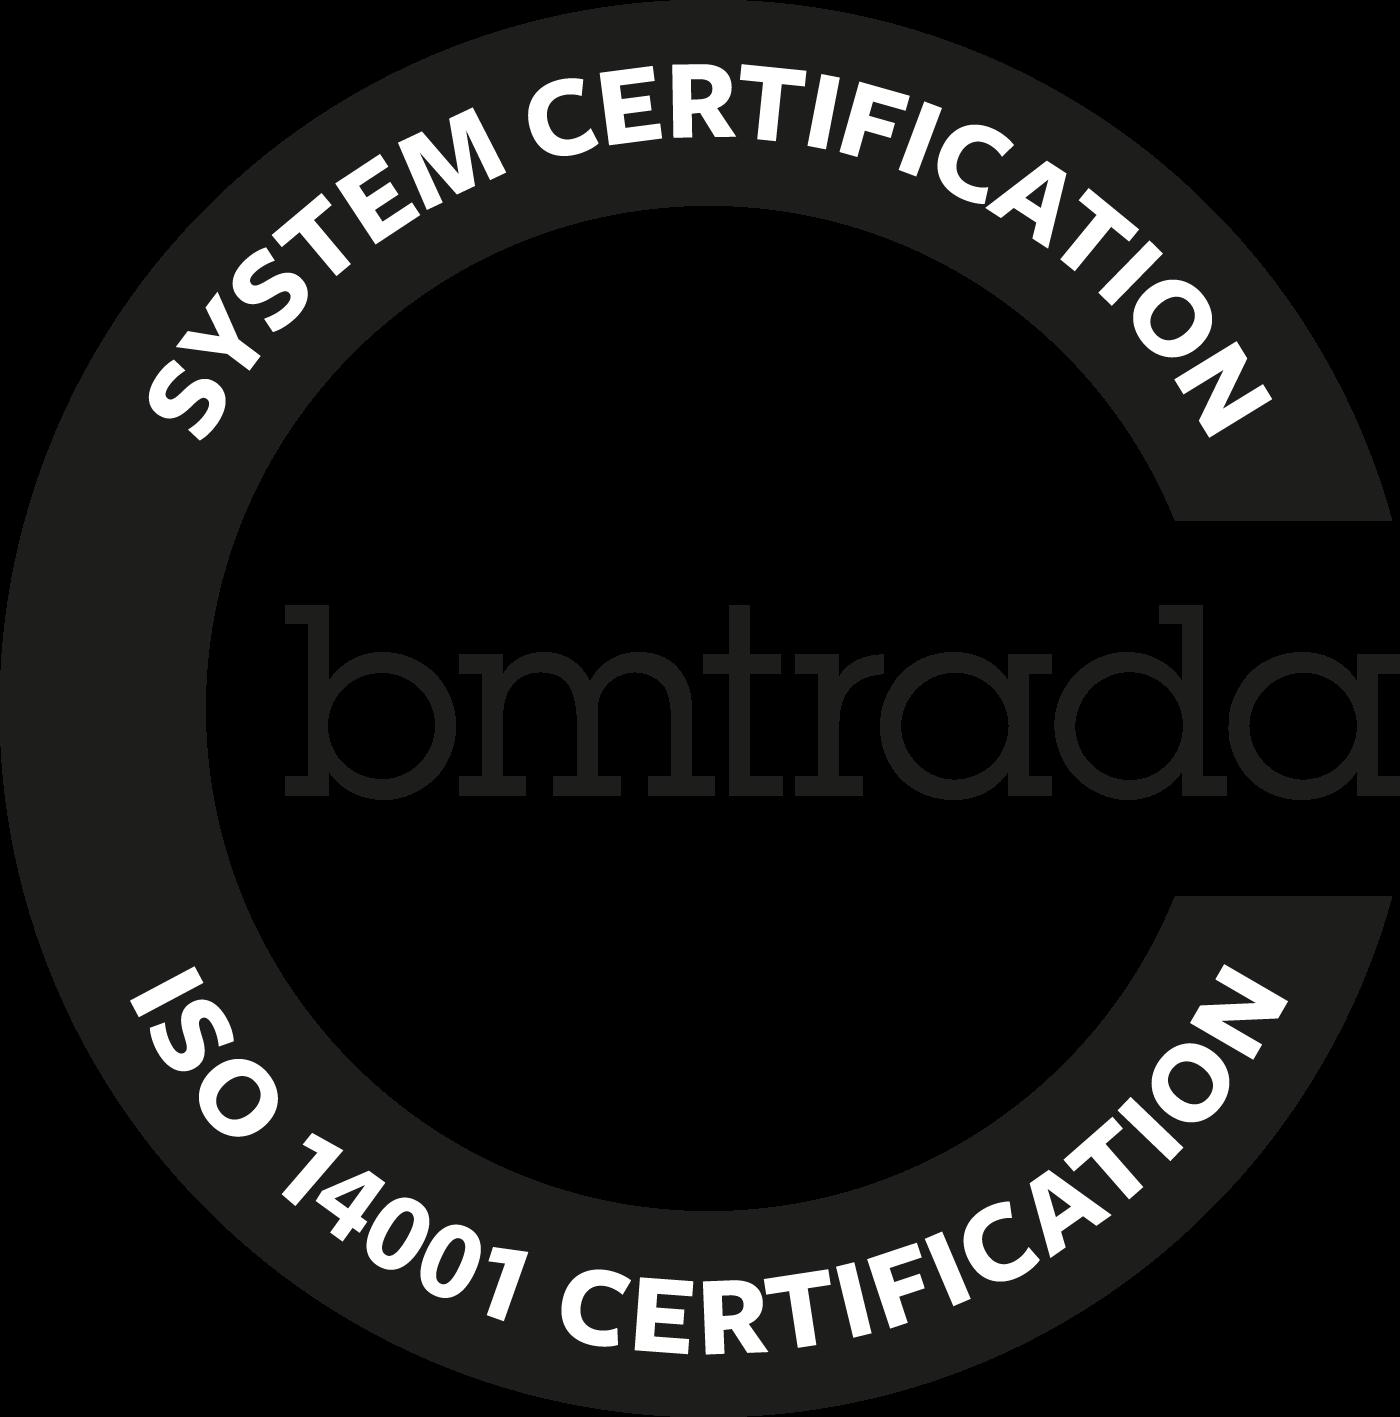 bmtrada-iso-14001-logo